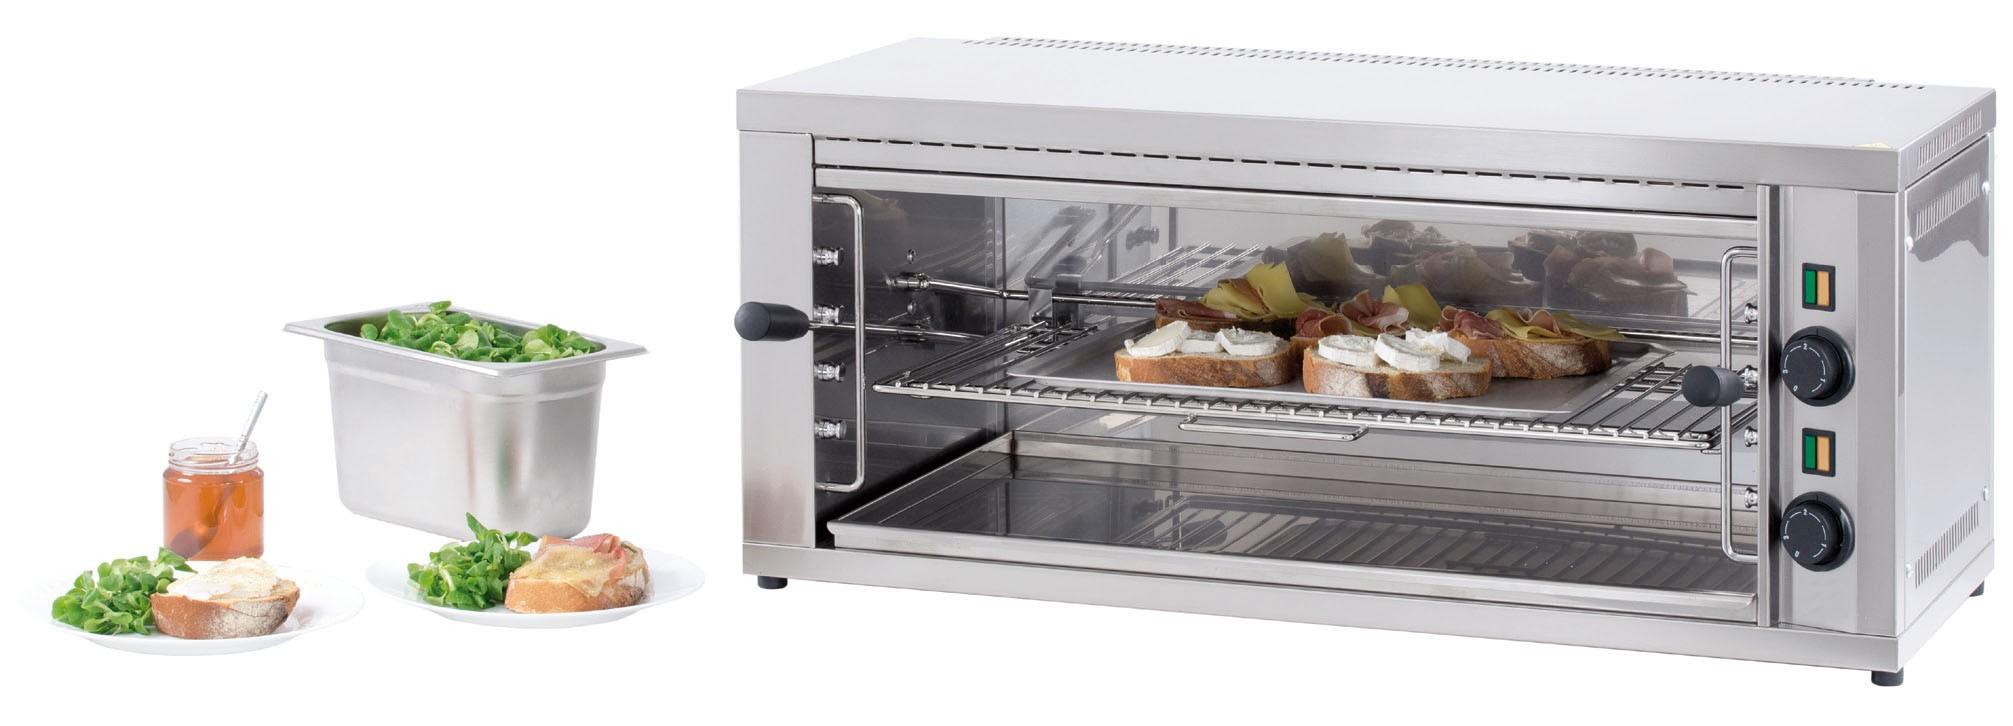 Salamandre cuisine position amovible gm acier inoxydable for Salamandre de cuisine